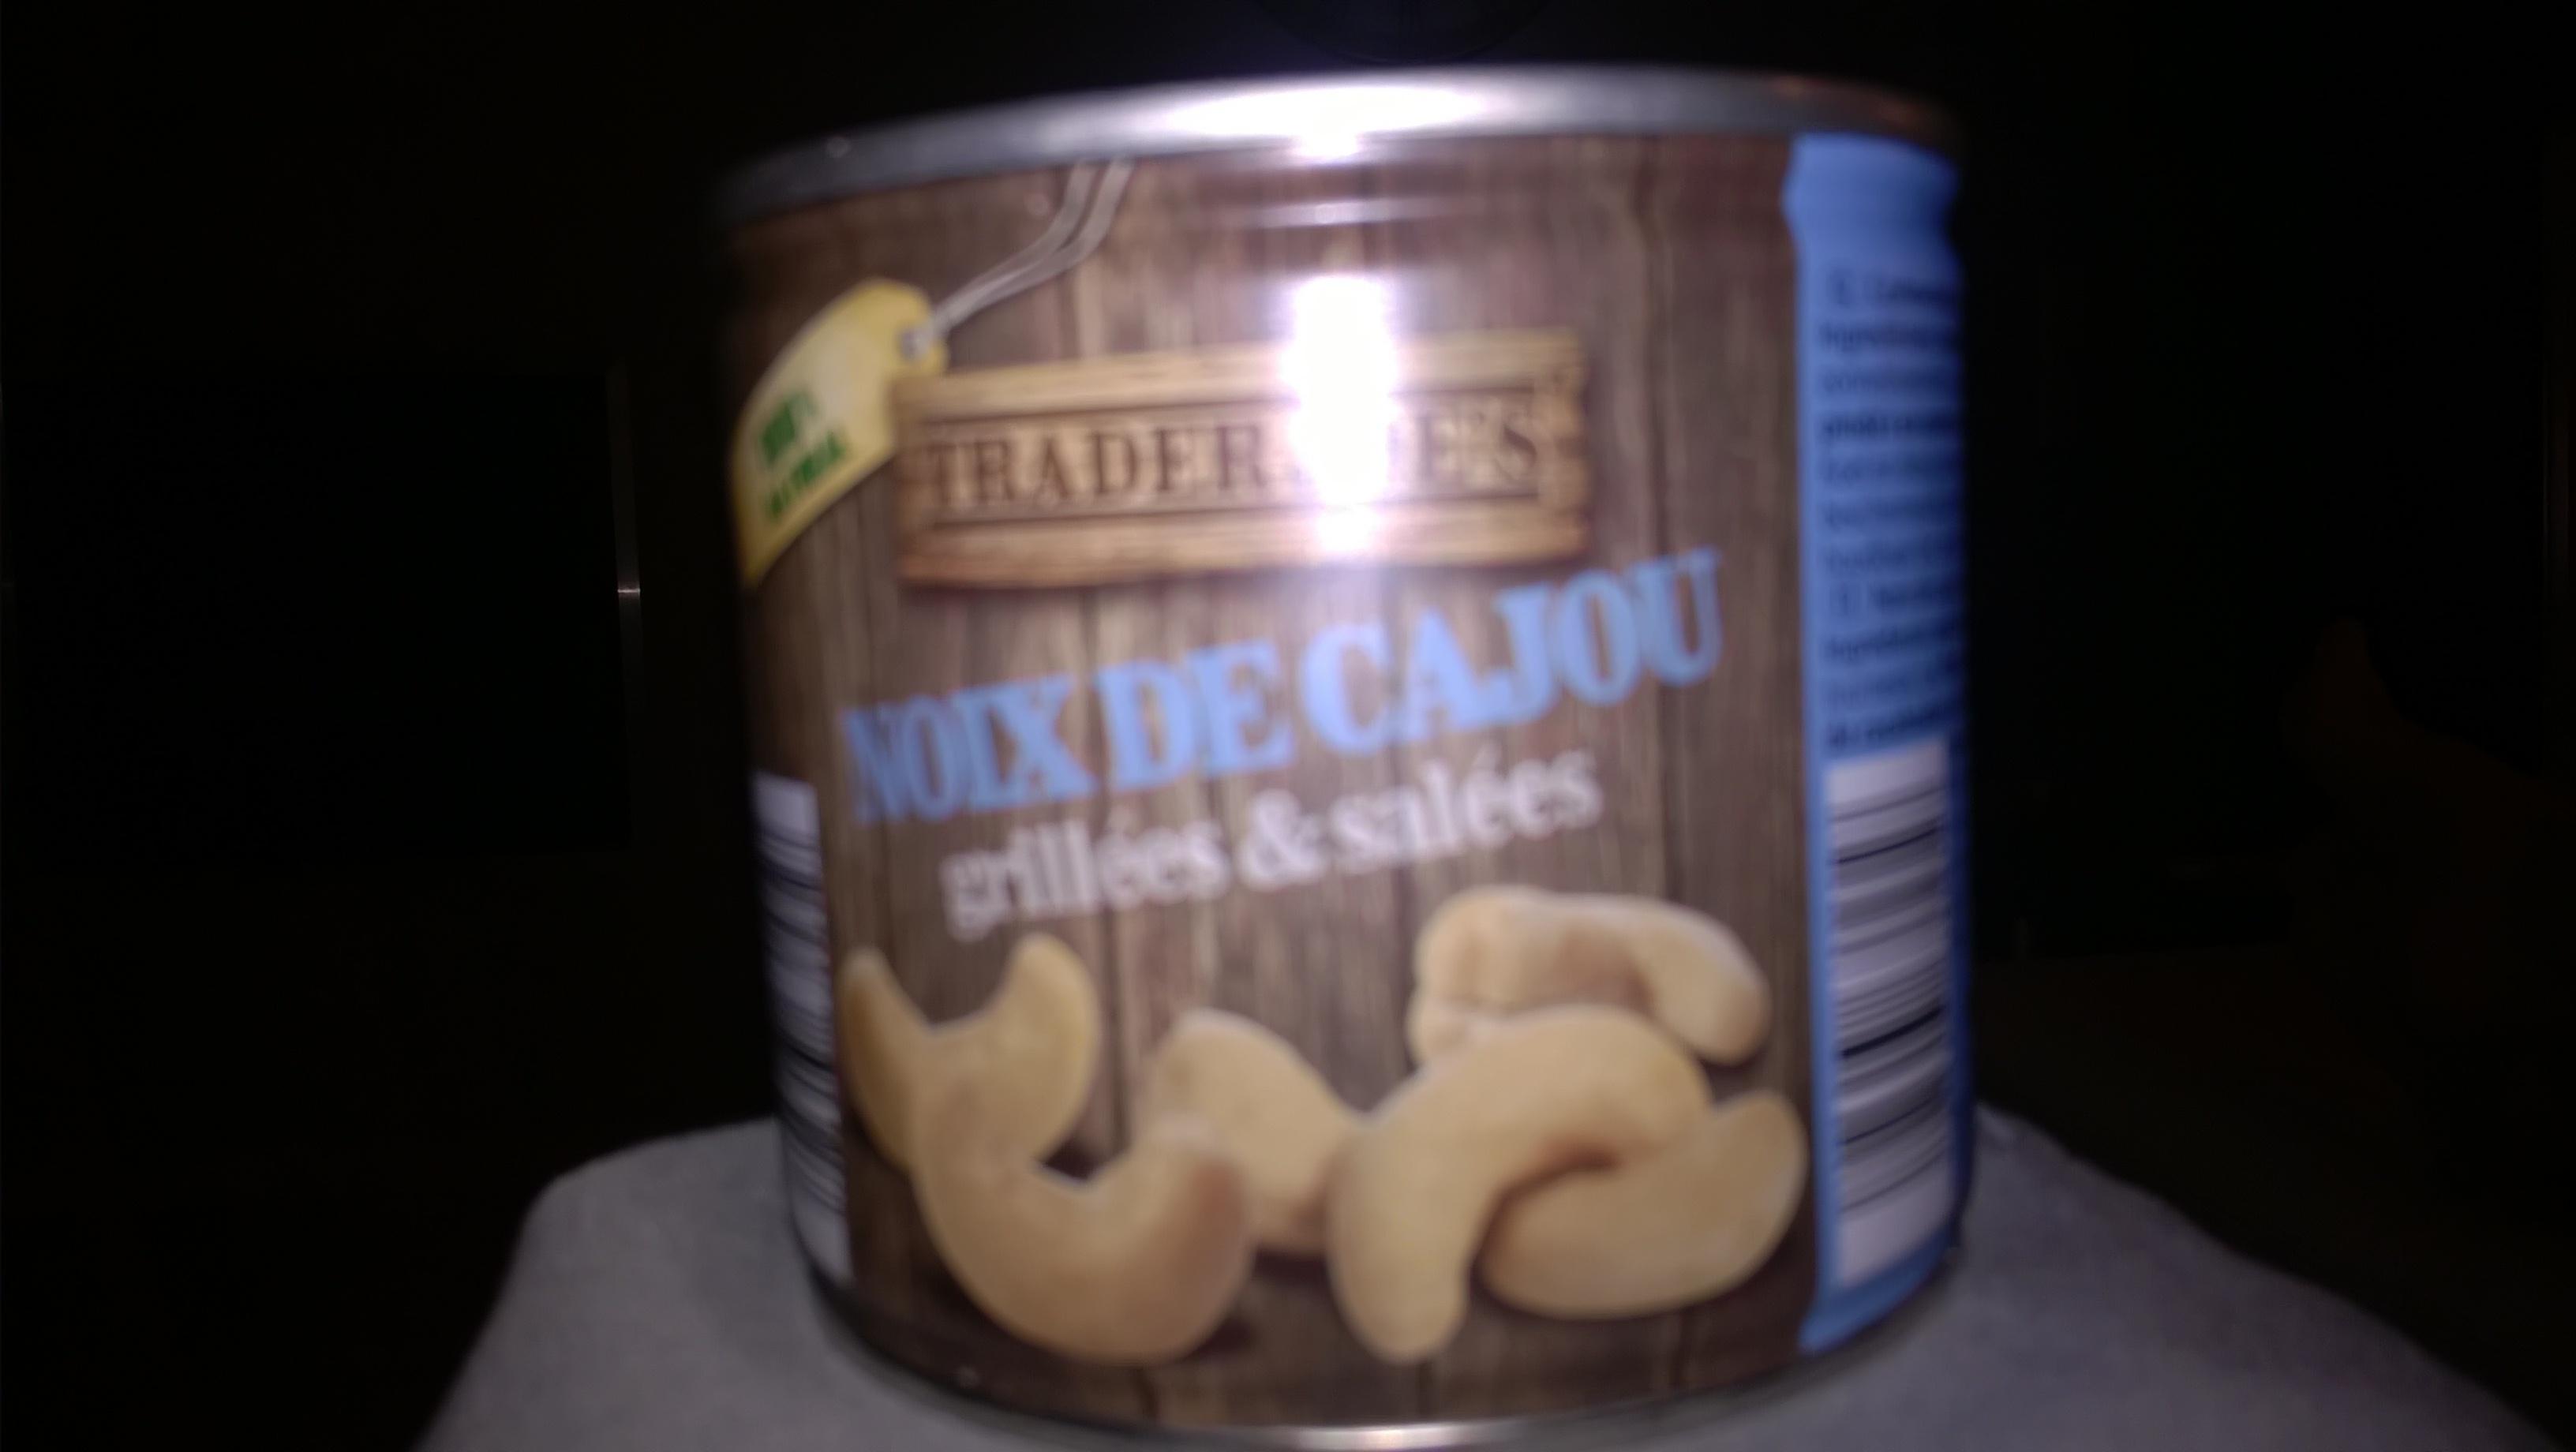 Noix de cajou grillées et sans sel - Product